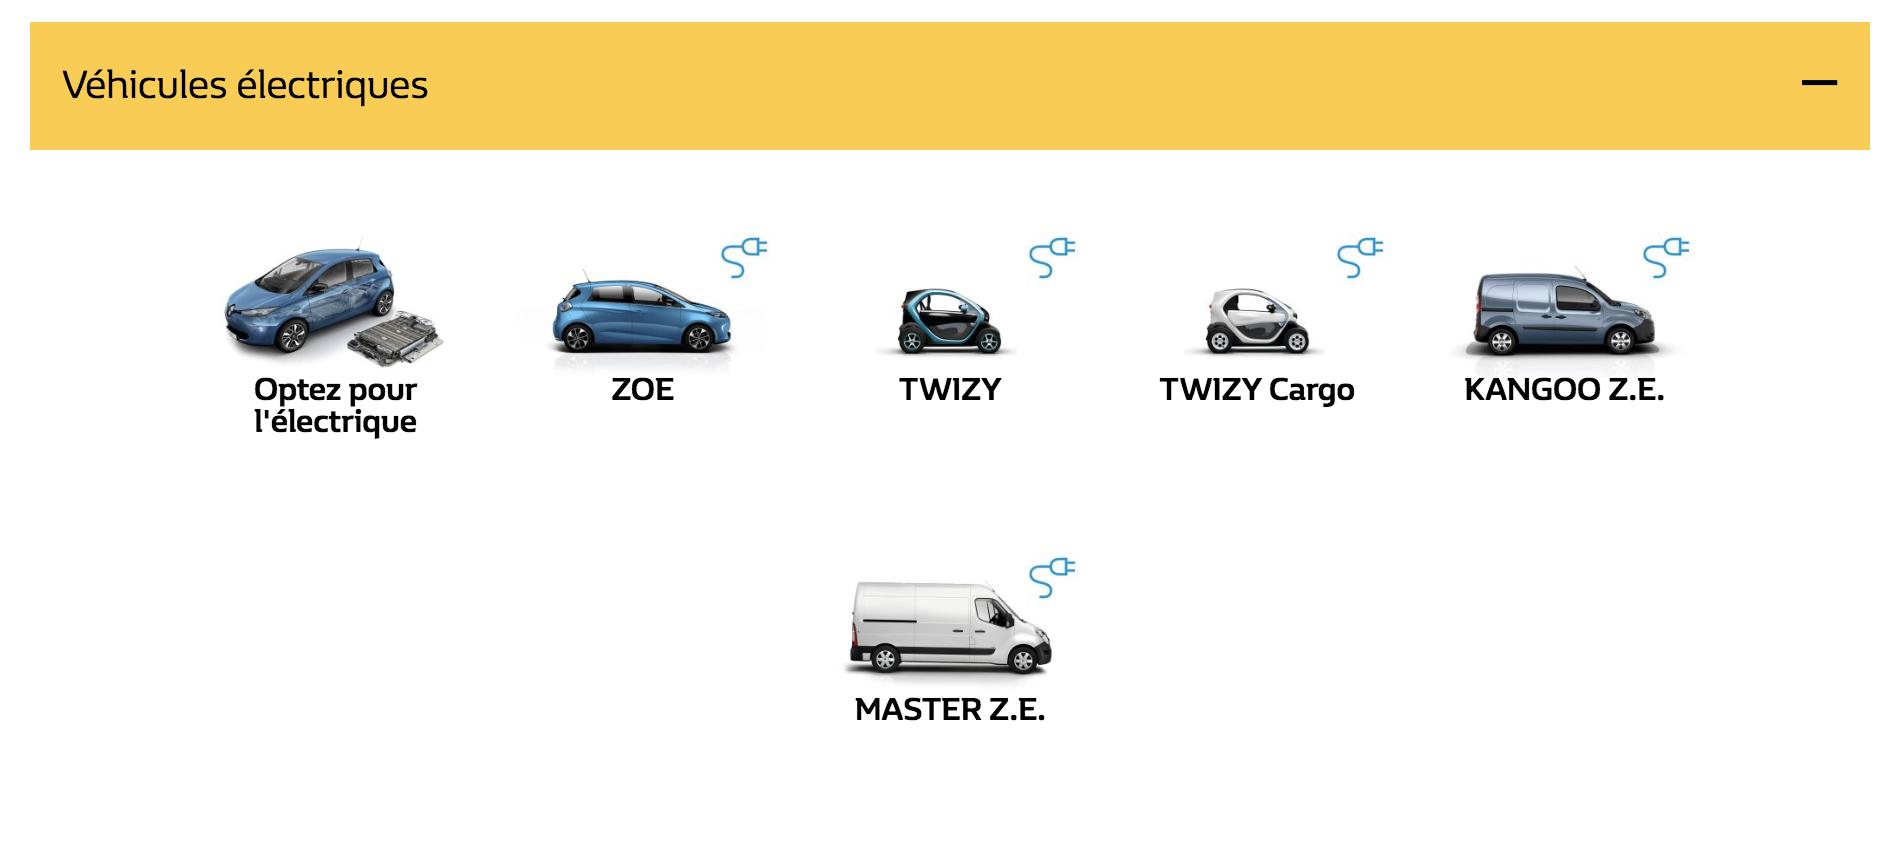 Vehicules_Electriques